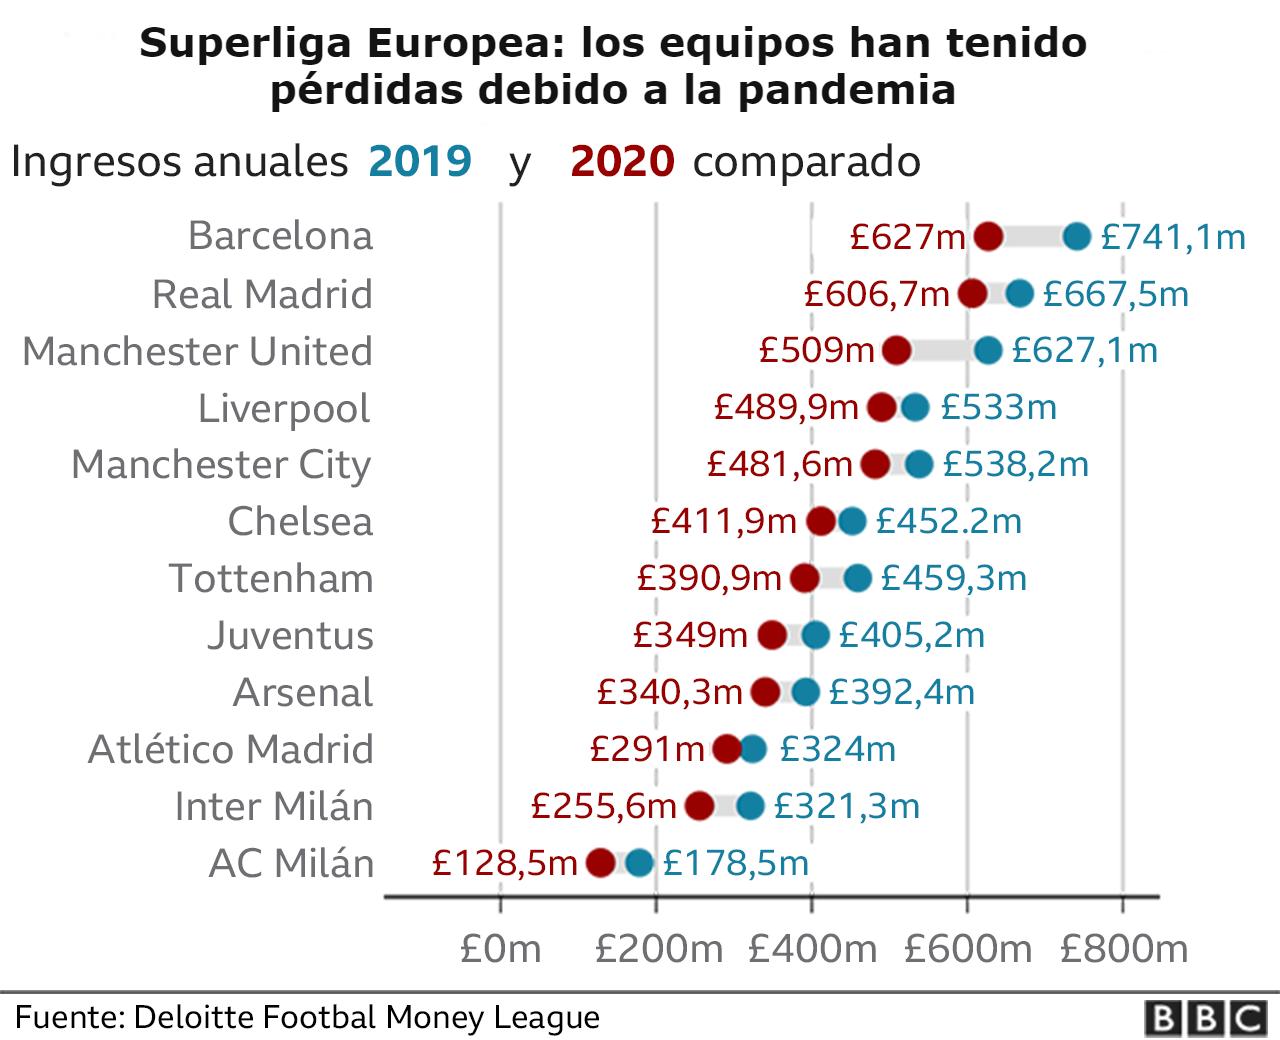 Perdidas de los clubes europeos